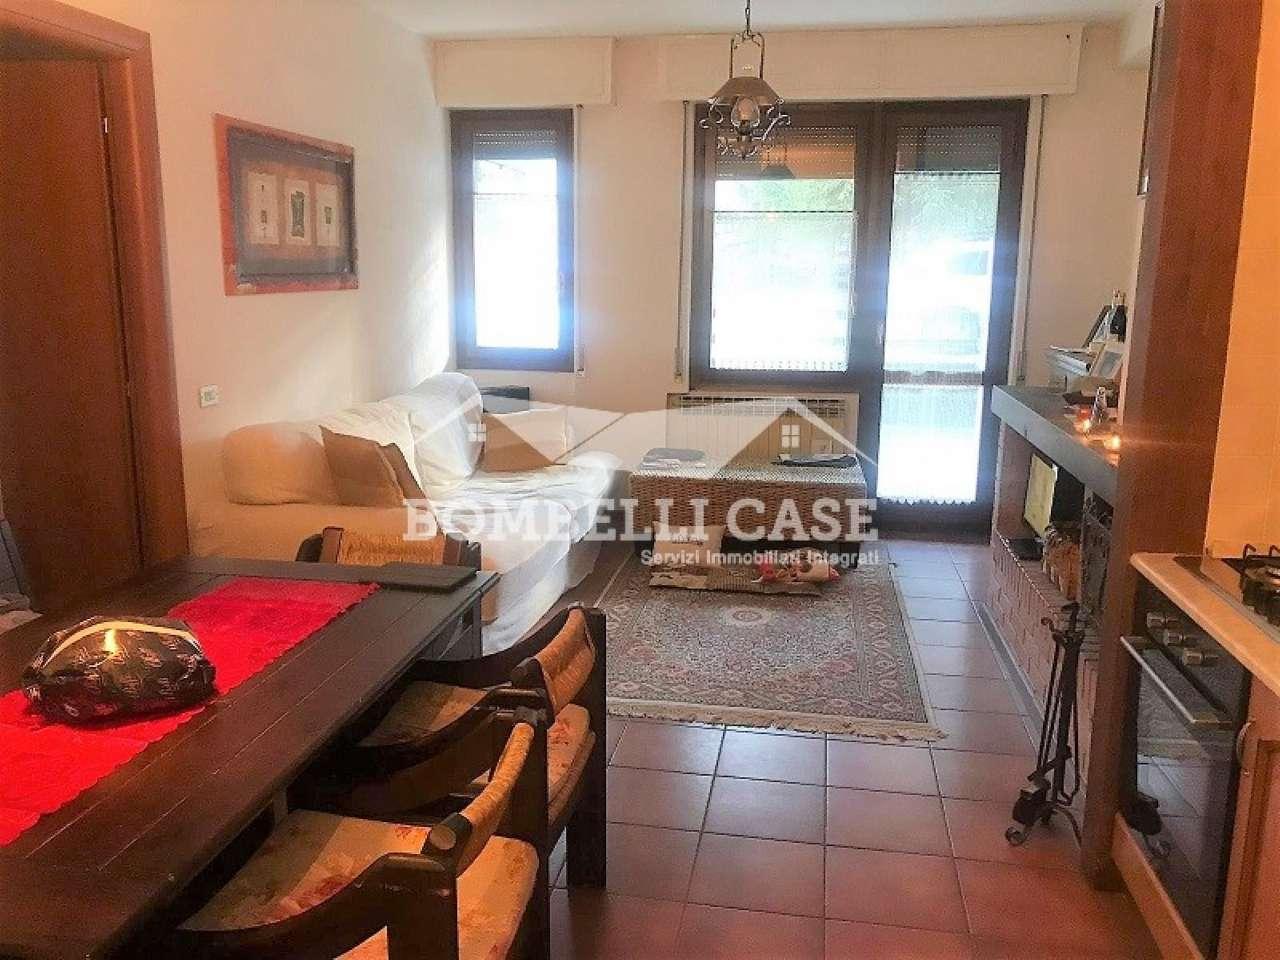 Appartamento in vendita a Aprica, 3 locali, prezzo € 180.000   CambioCasa.it